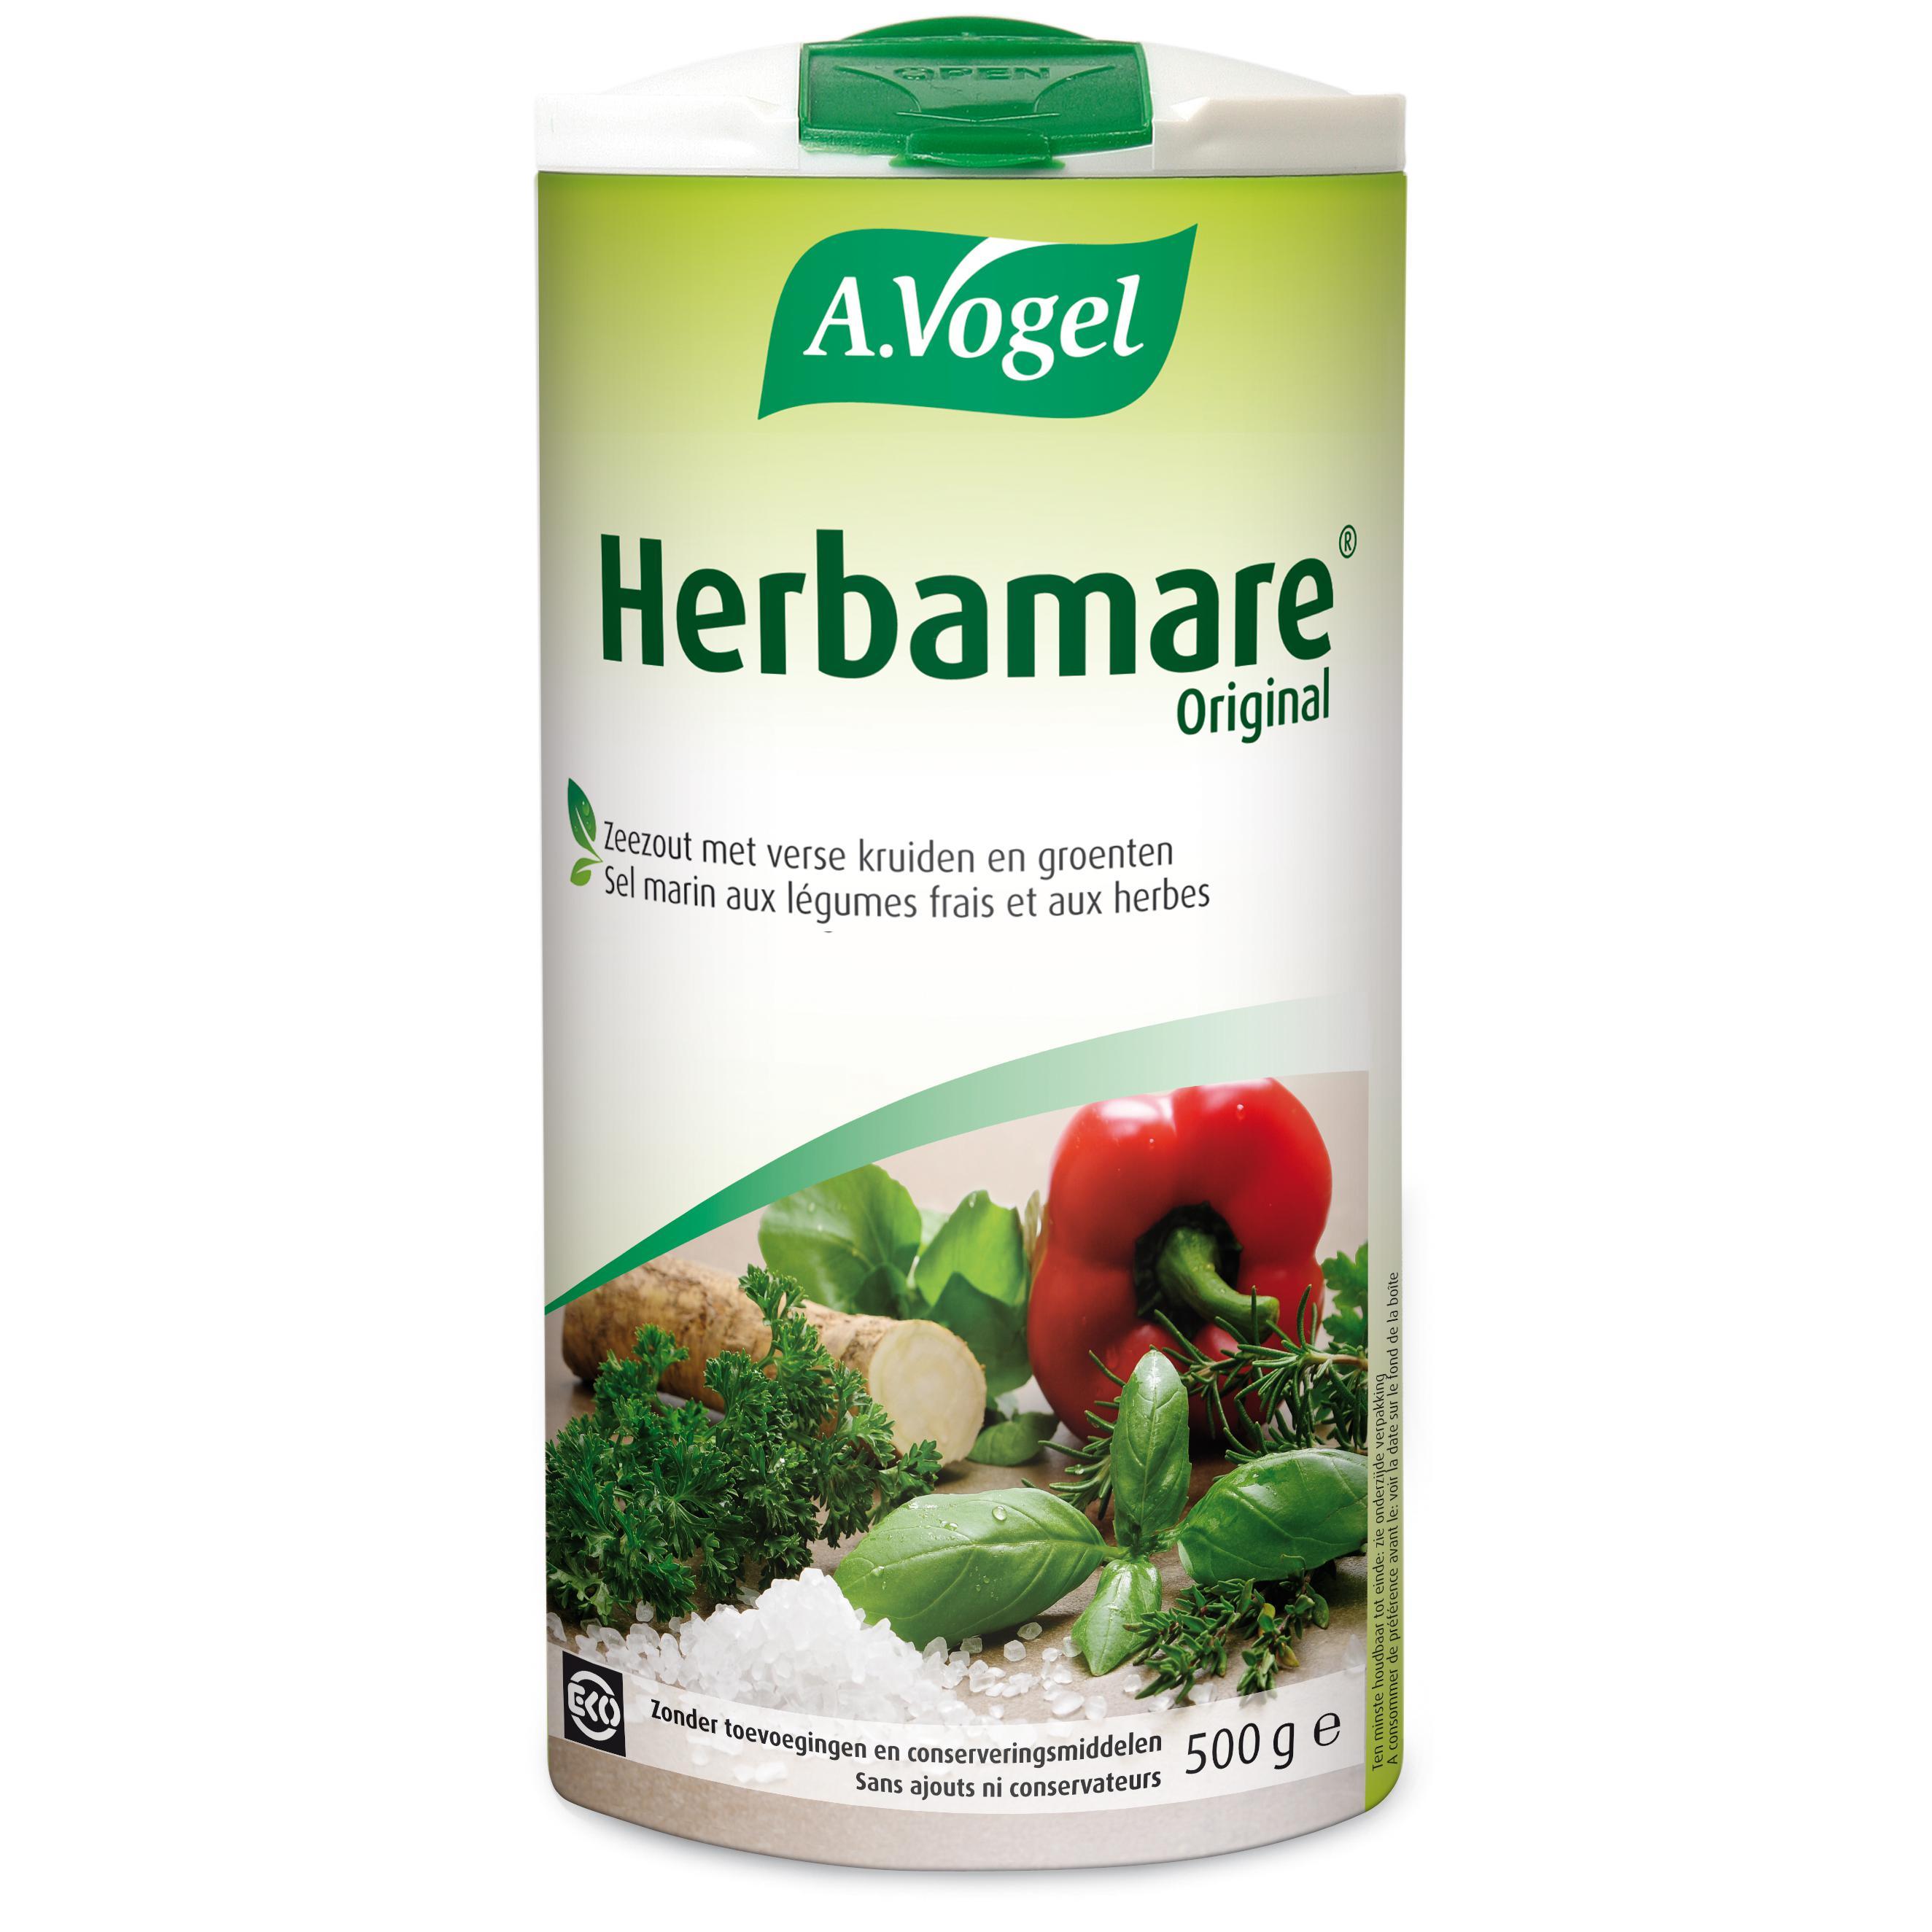 A.Vogel Herbamare Original Kruidenzout 500gram